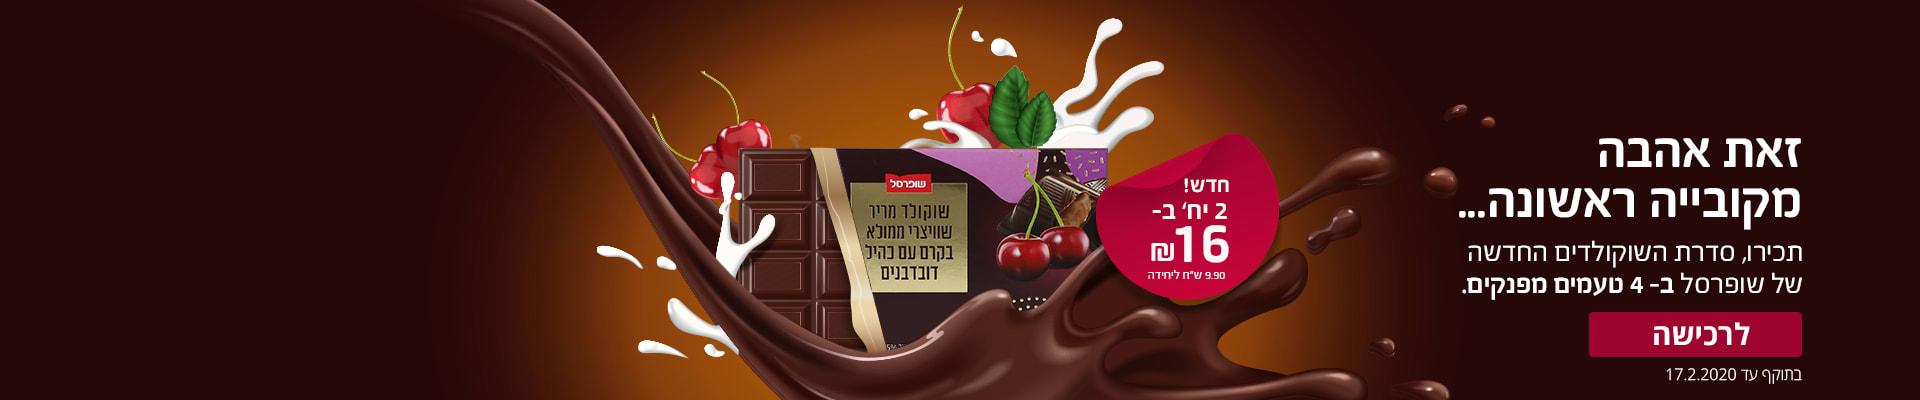 """זאת אהבה מקובייה ראשונה.. תכירו, סדרת השוקולדים החדשה של שופרסל ב-4 טעמים מפנקים. 2 יח' ב-16 ש""""ח. בתוקף עד ה-17.2.20"""